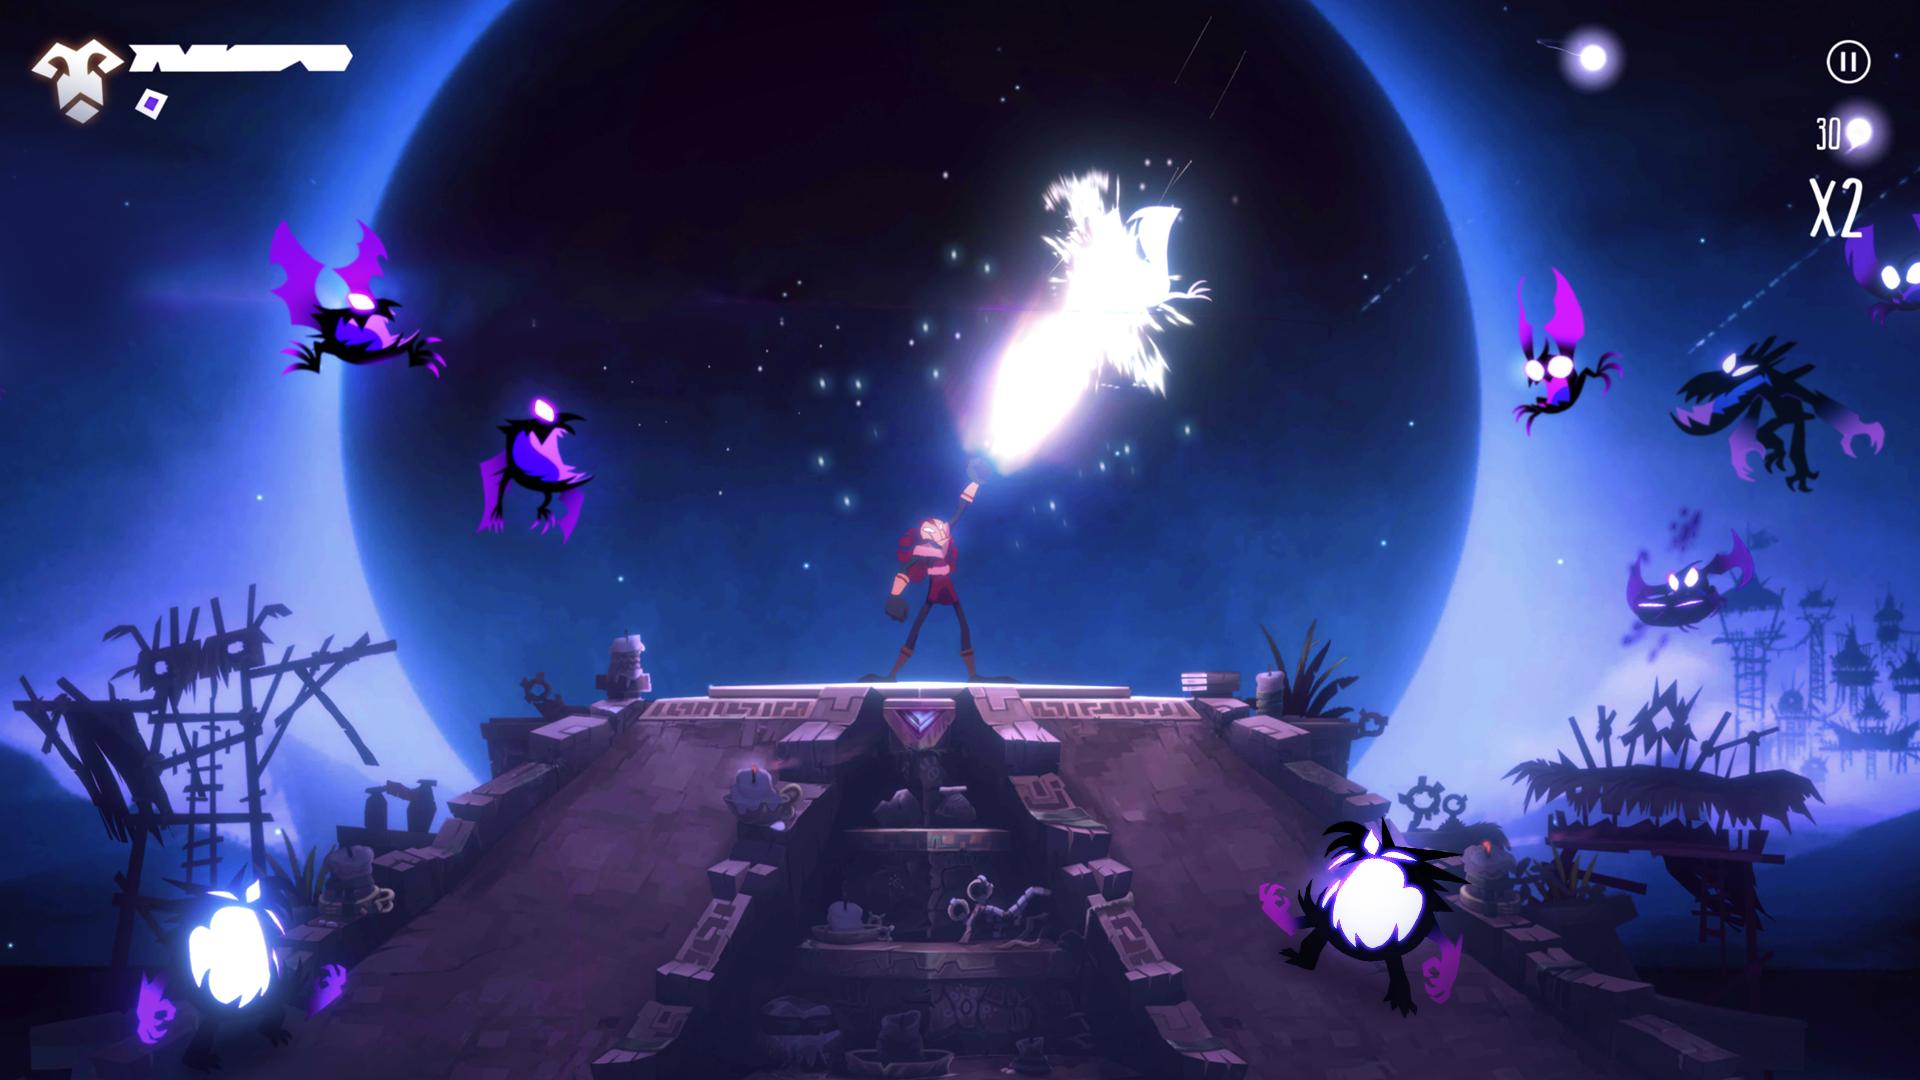 В Steam вышел приключенческий экшен Towaga: Among Shadows